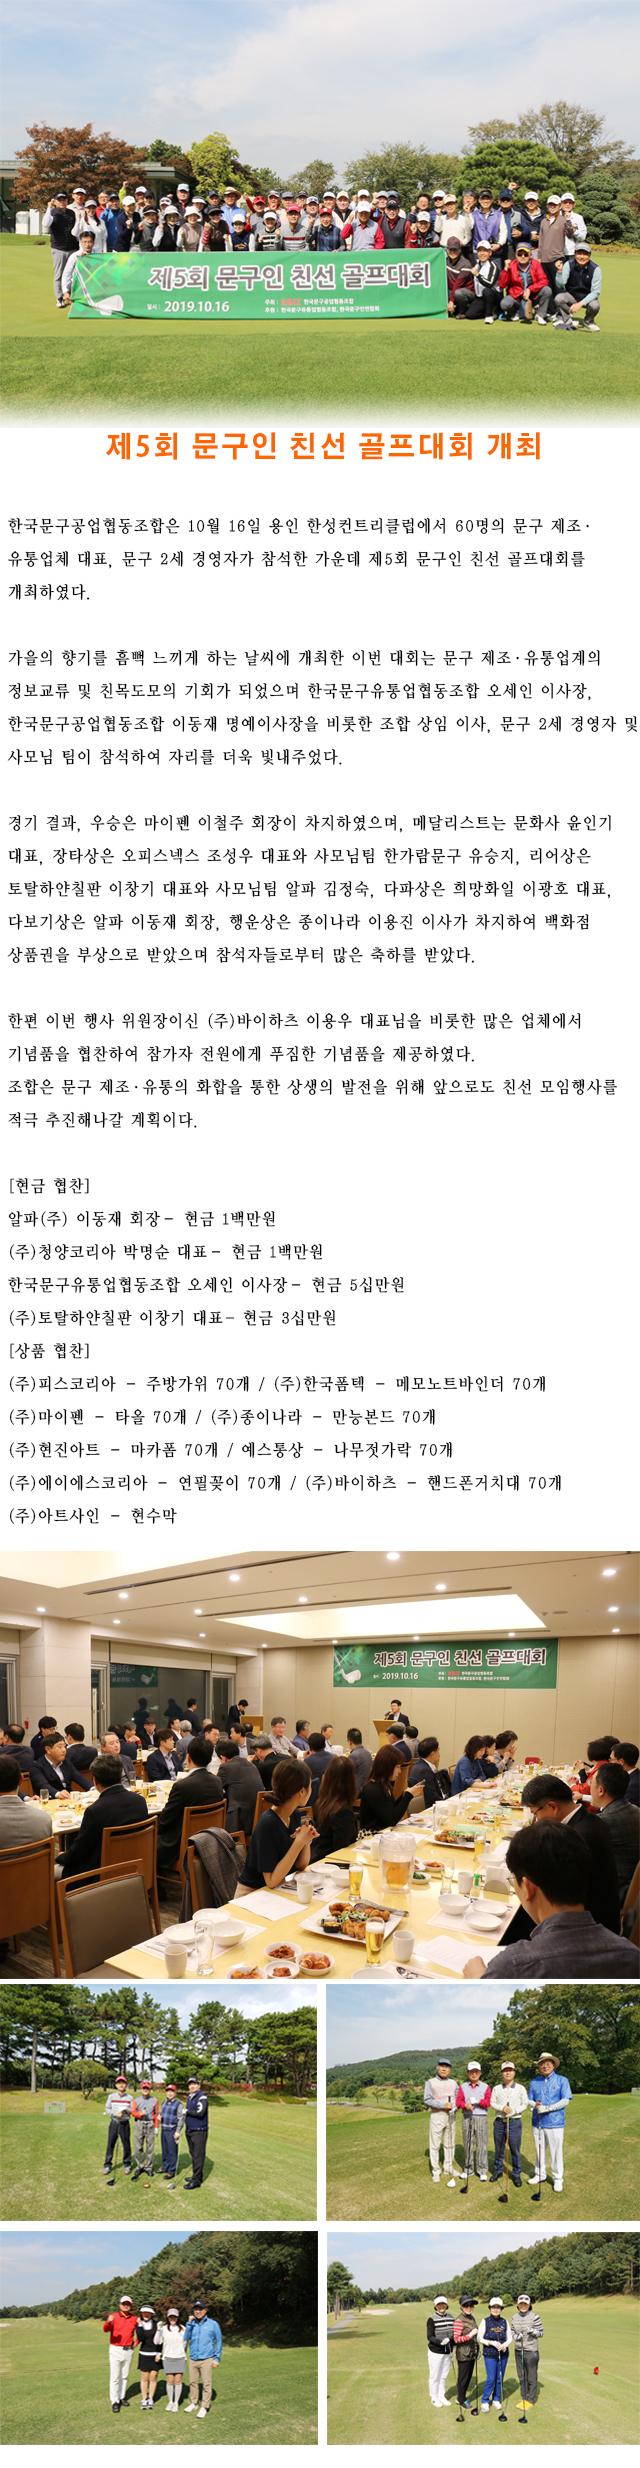 제5회 문구인친선골프대회H.jpg